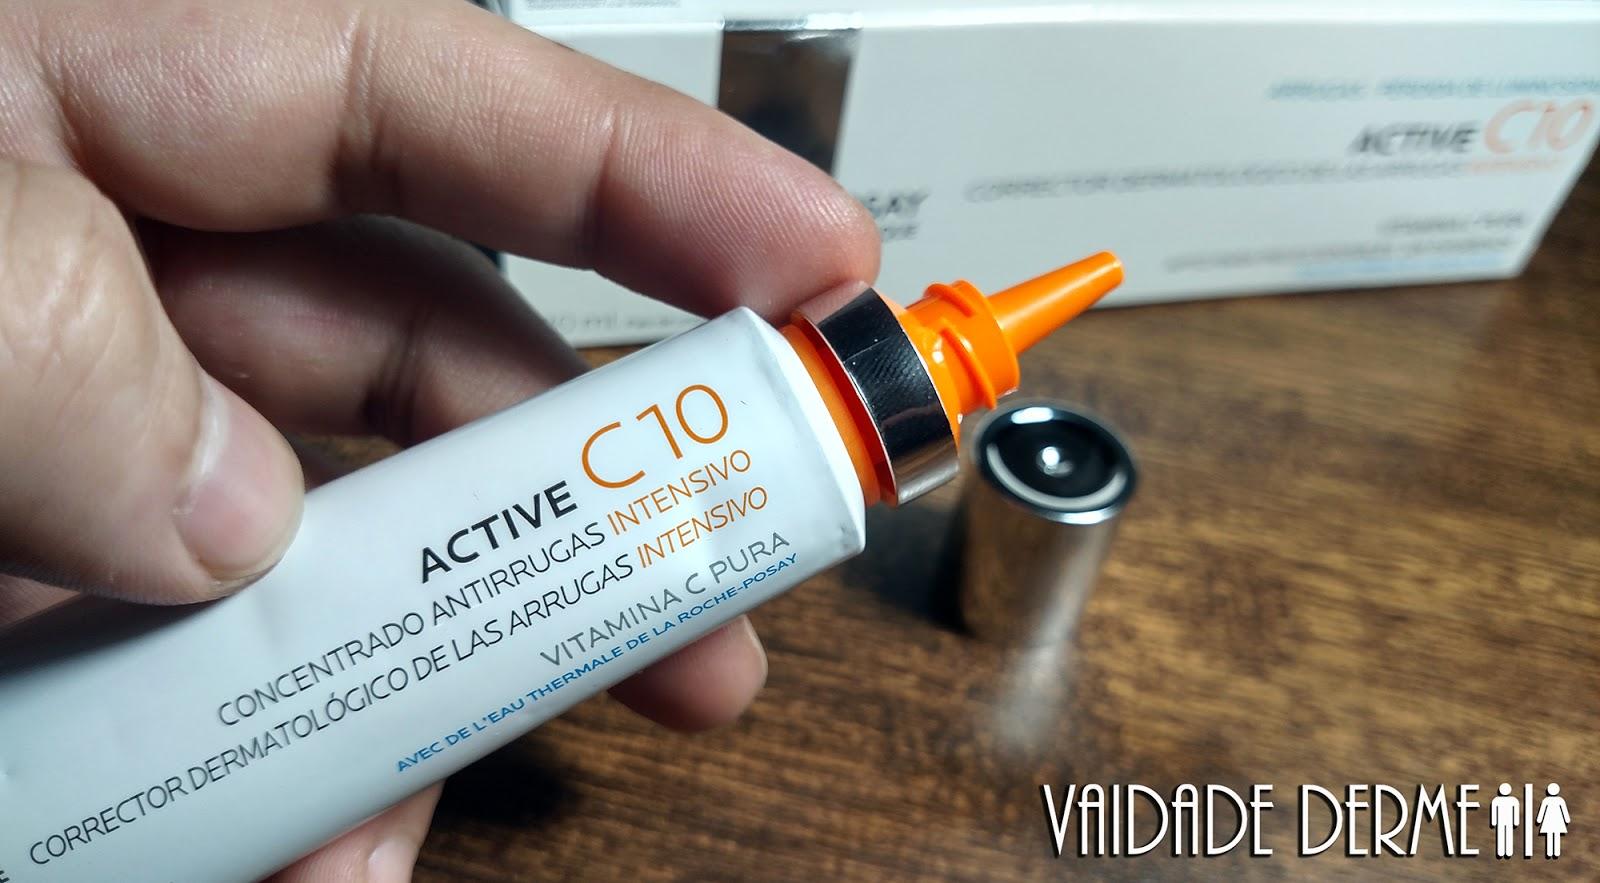 Qual a Melhor Vitamina C: Ada Tina Pure C 20 OU La Roche-Posay Active C 10?